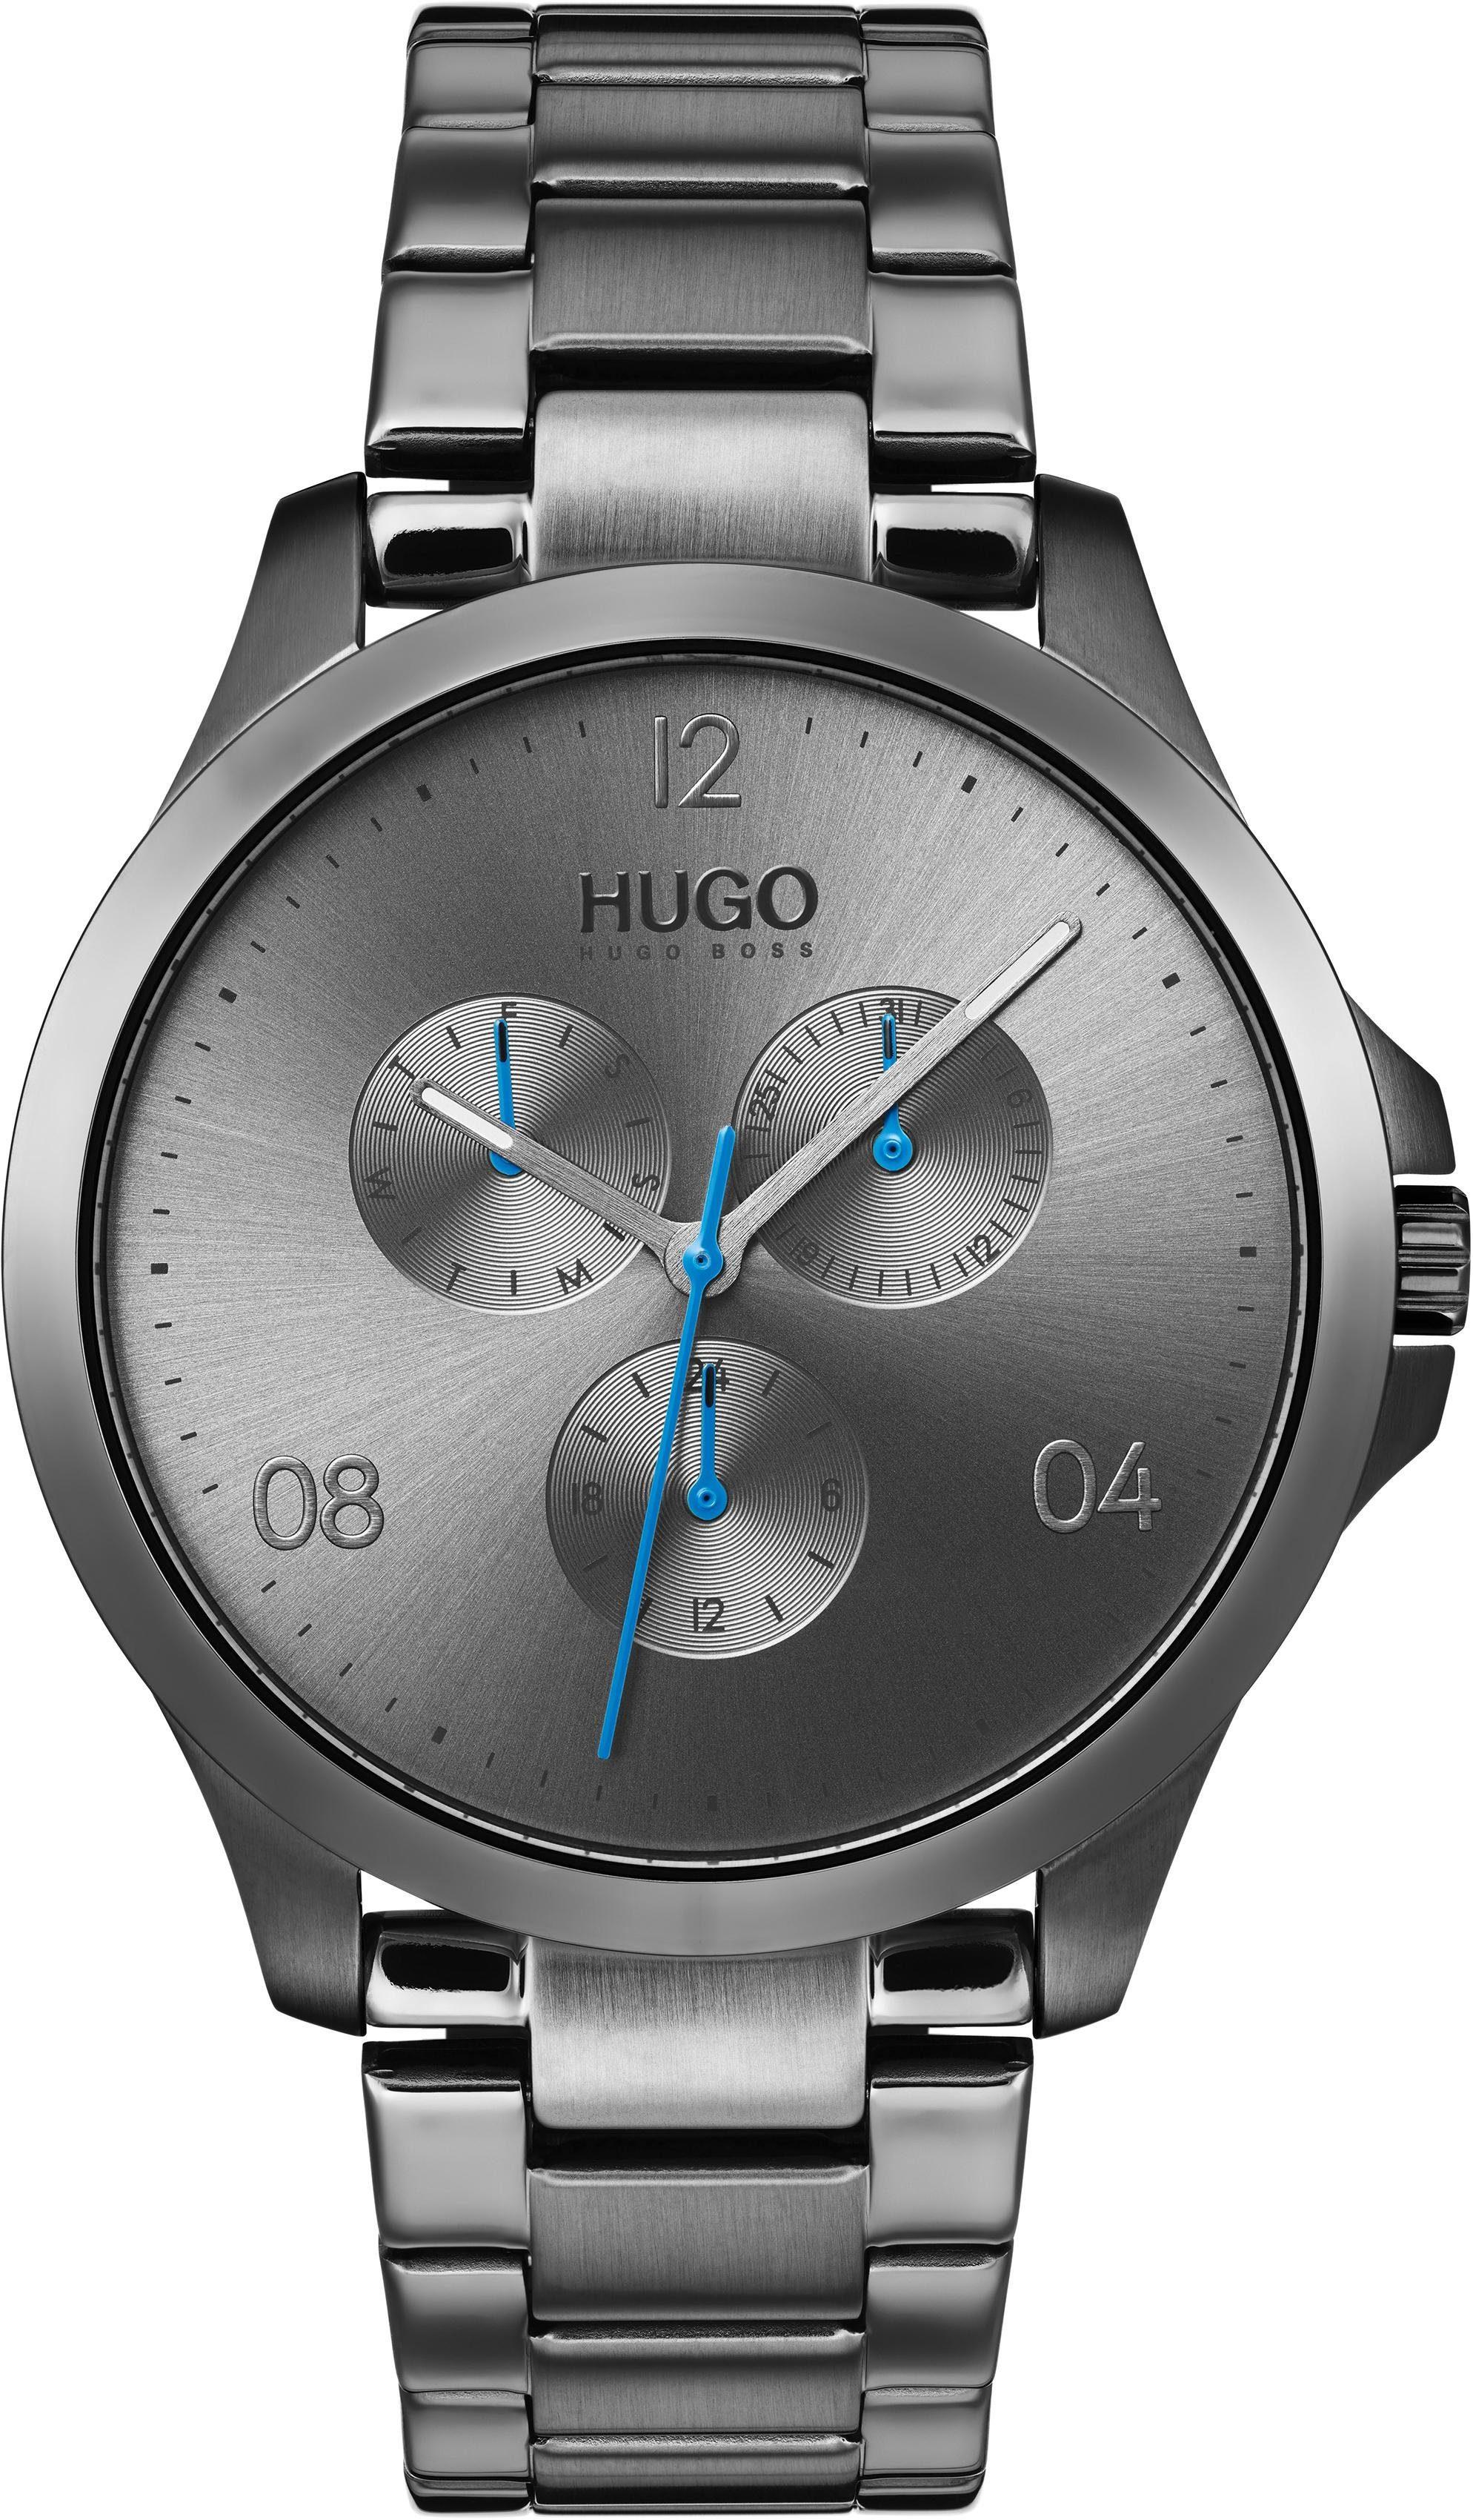 HUGO Multifunktionsuhr »Risk, 1530039«